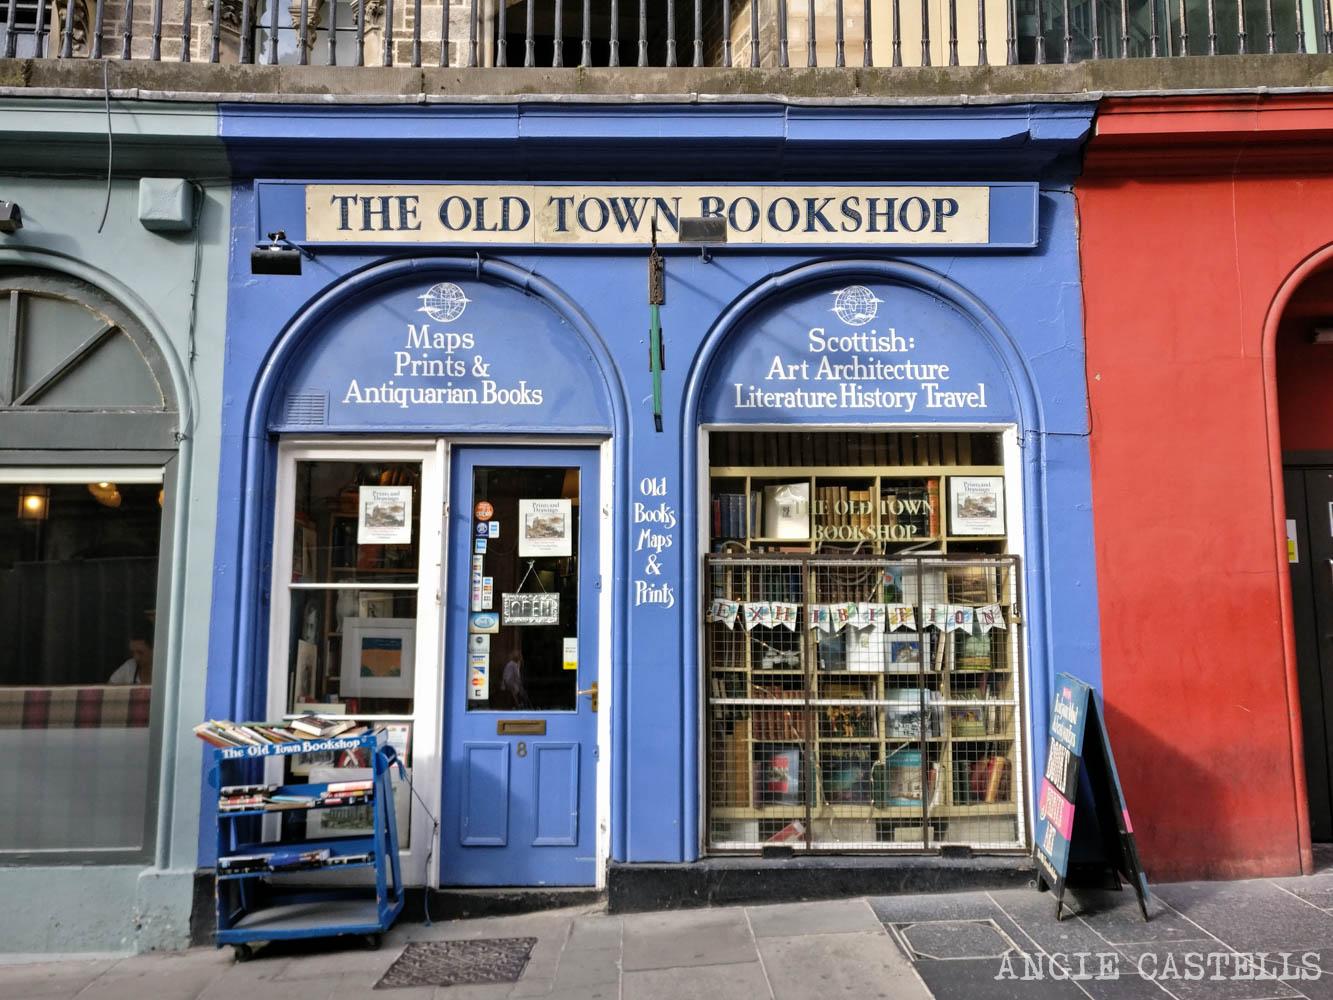 Tiendas de edimburgo para comprar regalos originales - Almacen de libreria ...